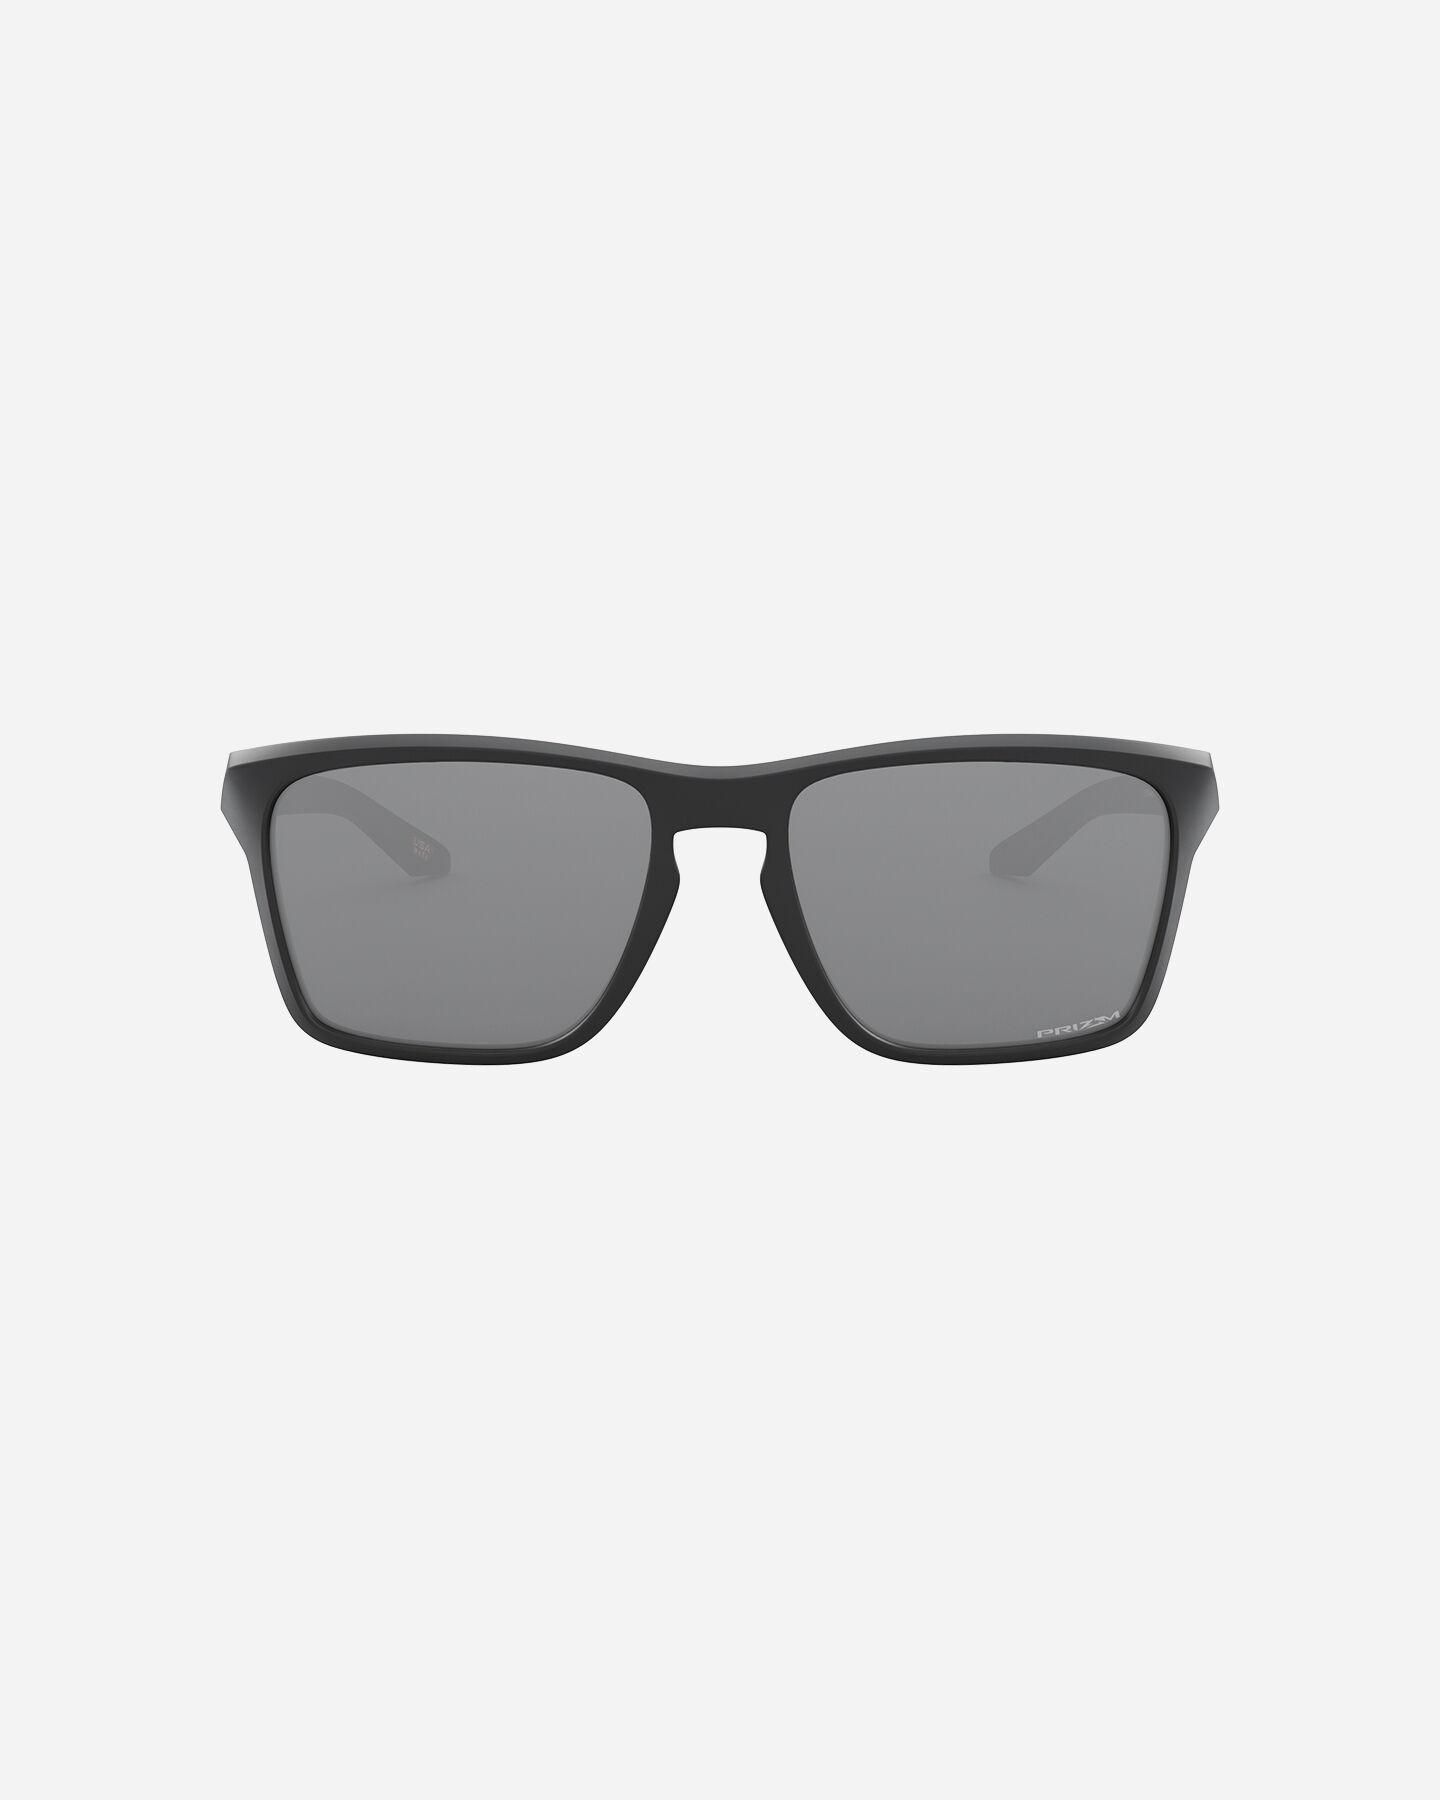 Occhiali OAKLEY SYLAS S5221235|0357|57 scatto 1